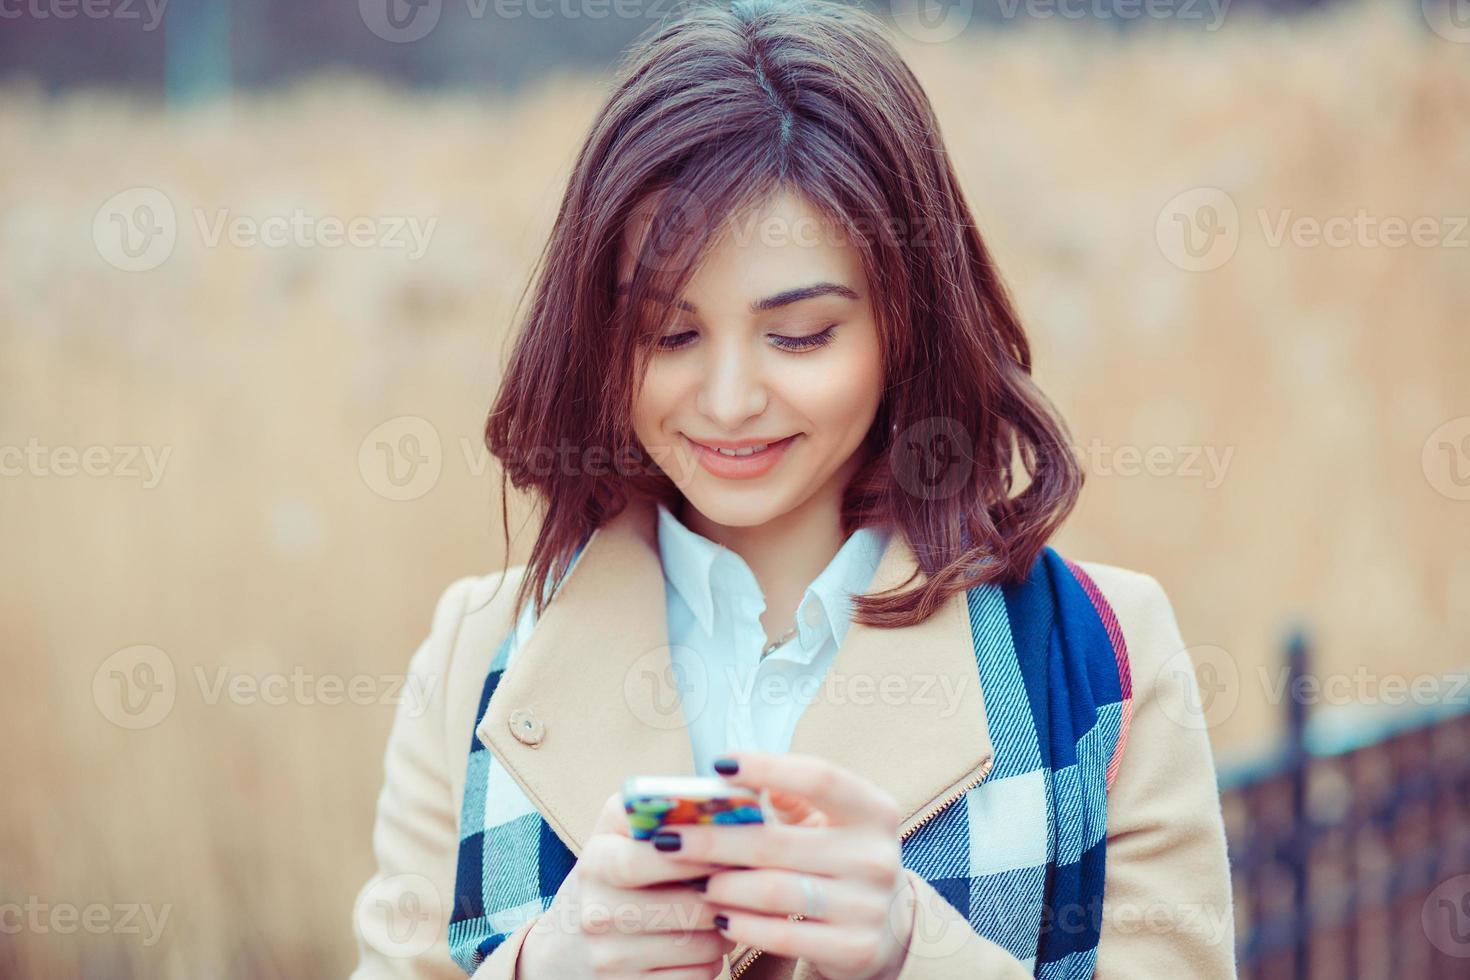 kvinna sms. närbild ung glad le gladlynt vacker kvinna tittar på mobiltelefon läsning skicka sms isolerade park stadsbild utomhus bakgrund. positivt ansiktsuttryck mänskliga känslor foto